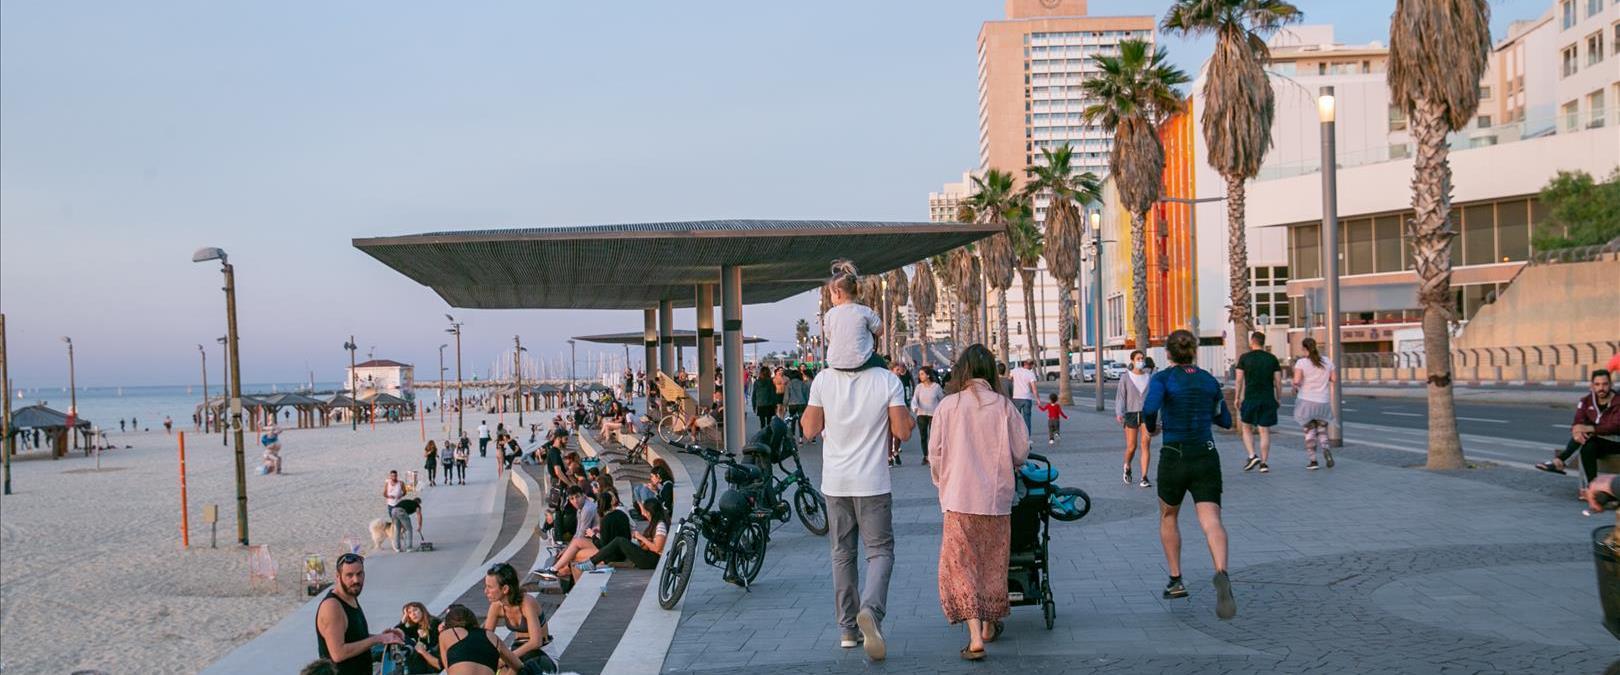 הטיילת בתל אביב היום